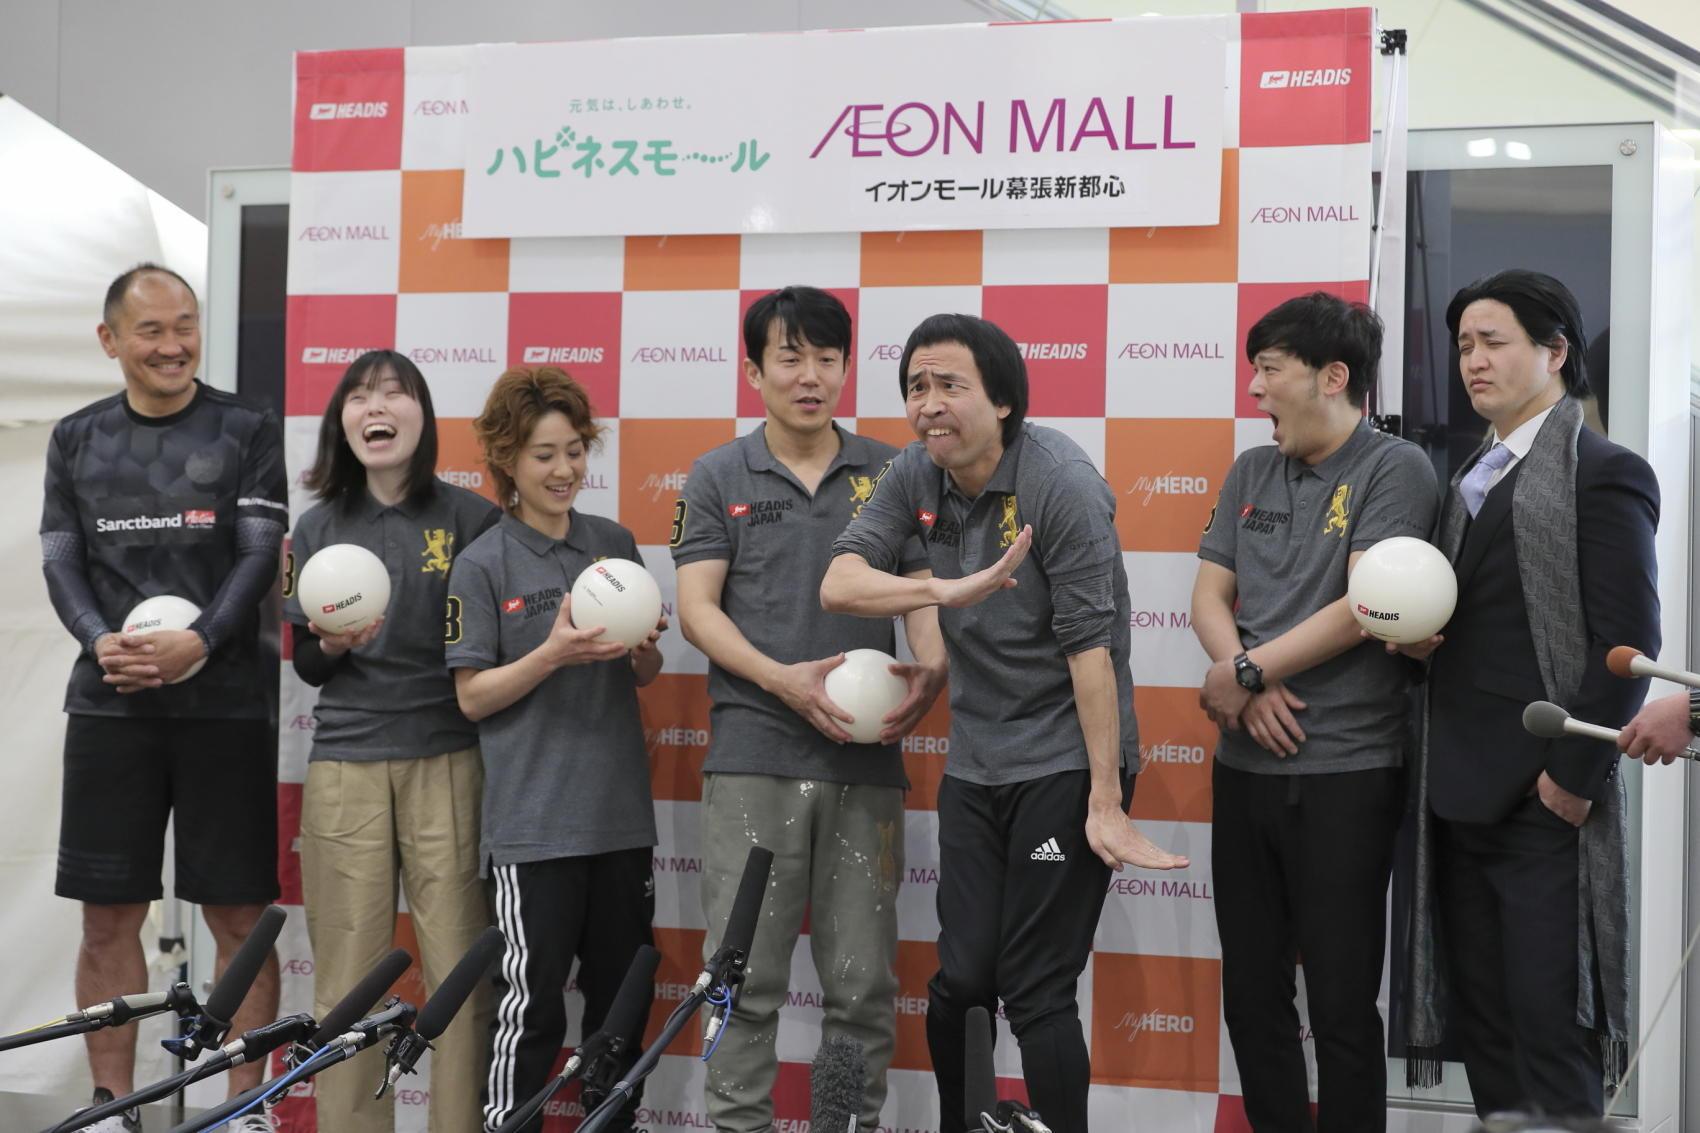 http://news.yoshimoto.co.jp/20180220175116-65e93349687c5807be6e5c251167045c55656e91.jpg